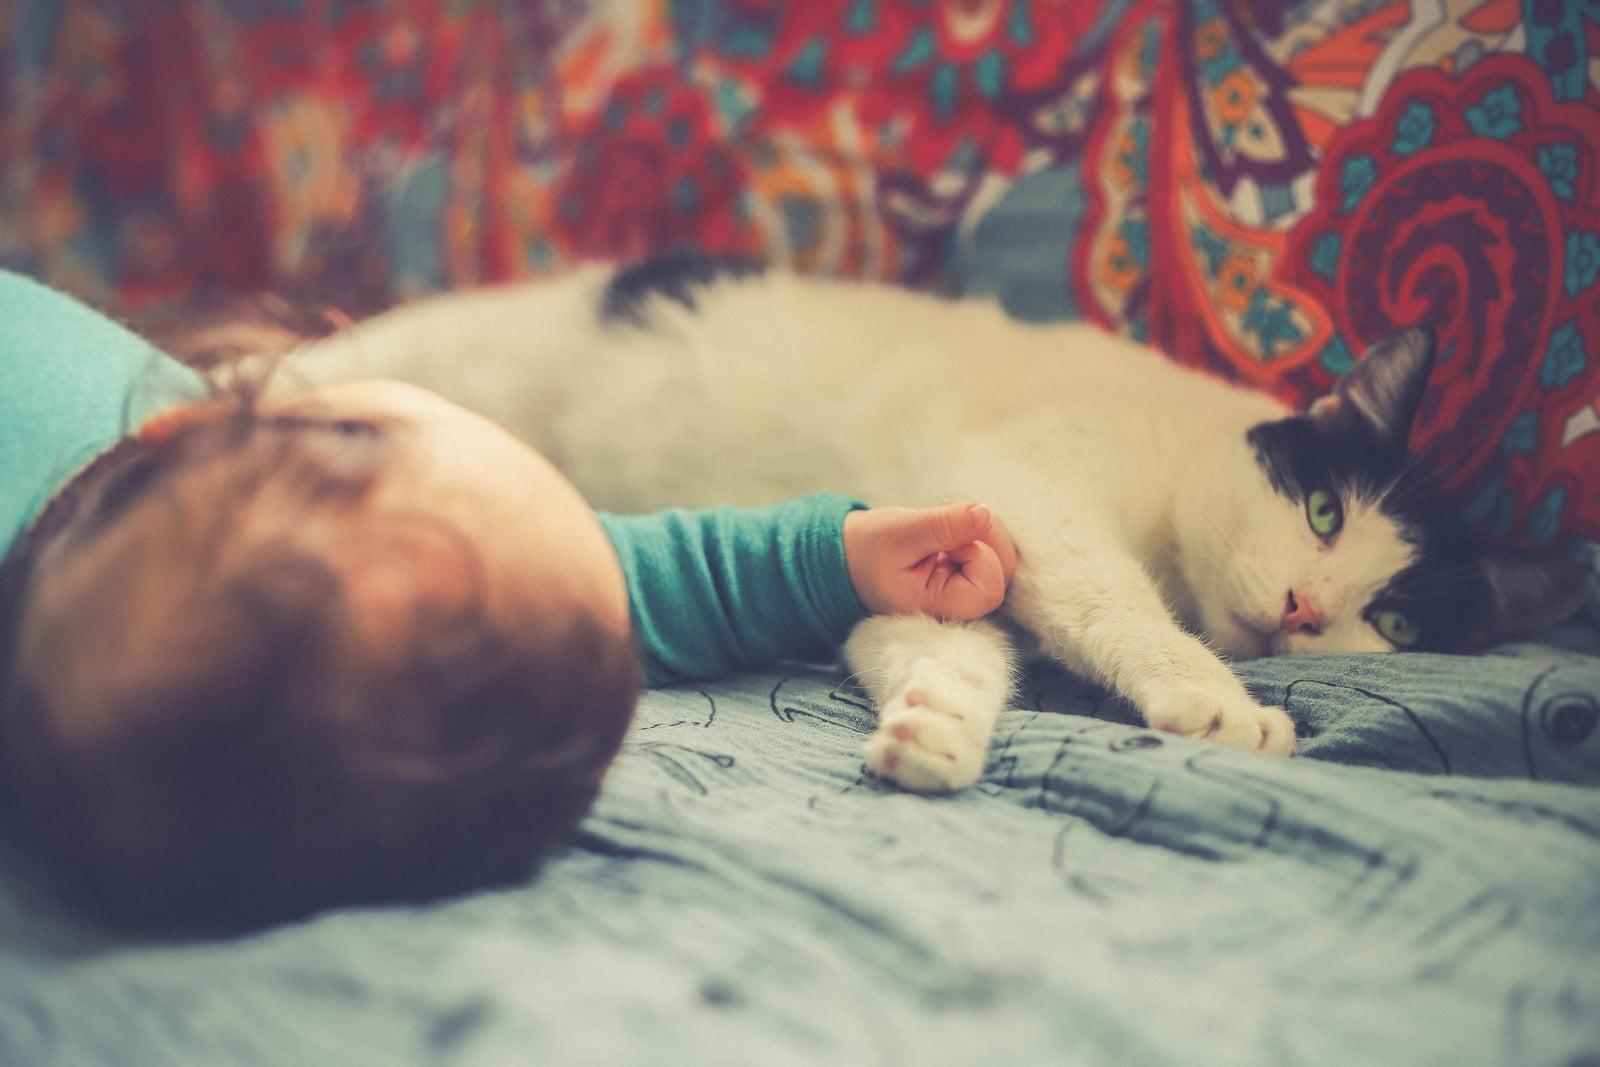 Presentar un gato al bebé - Mantener al bebé a salvo y al gatito seguro